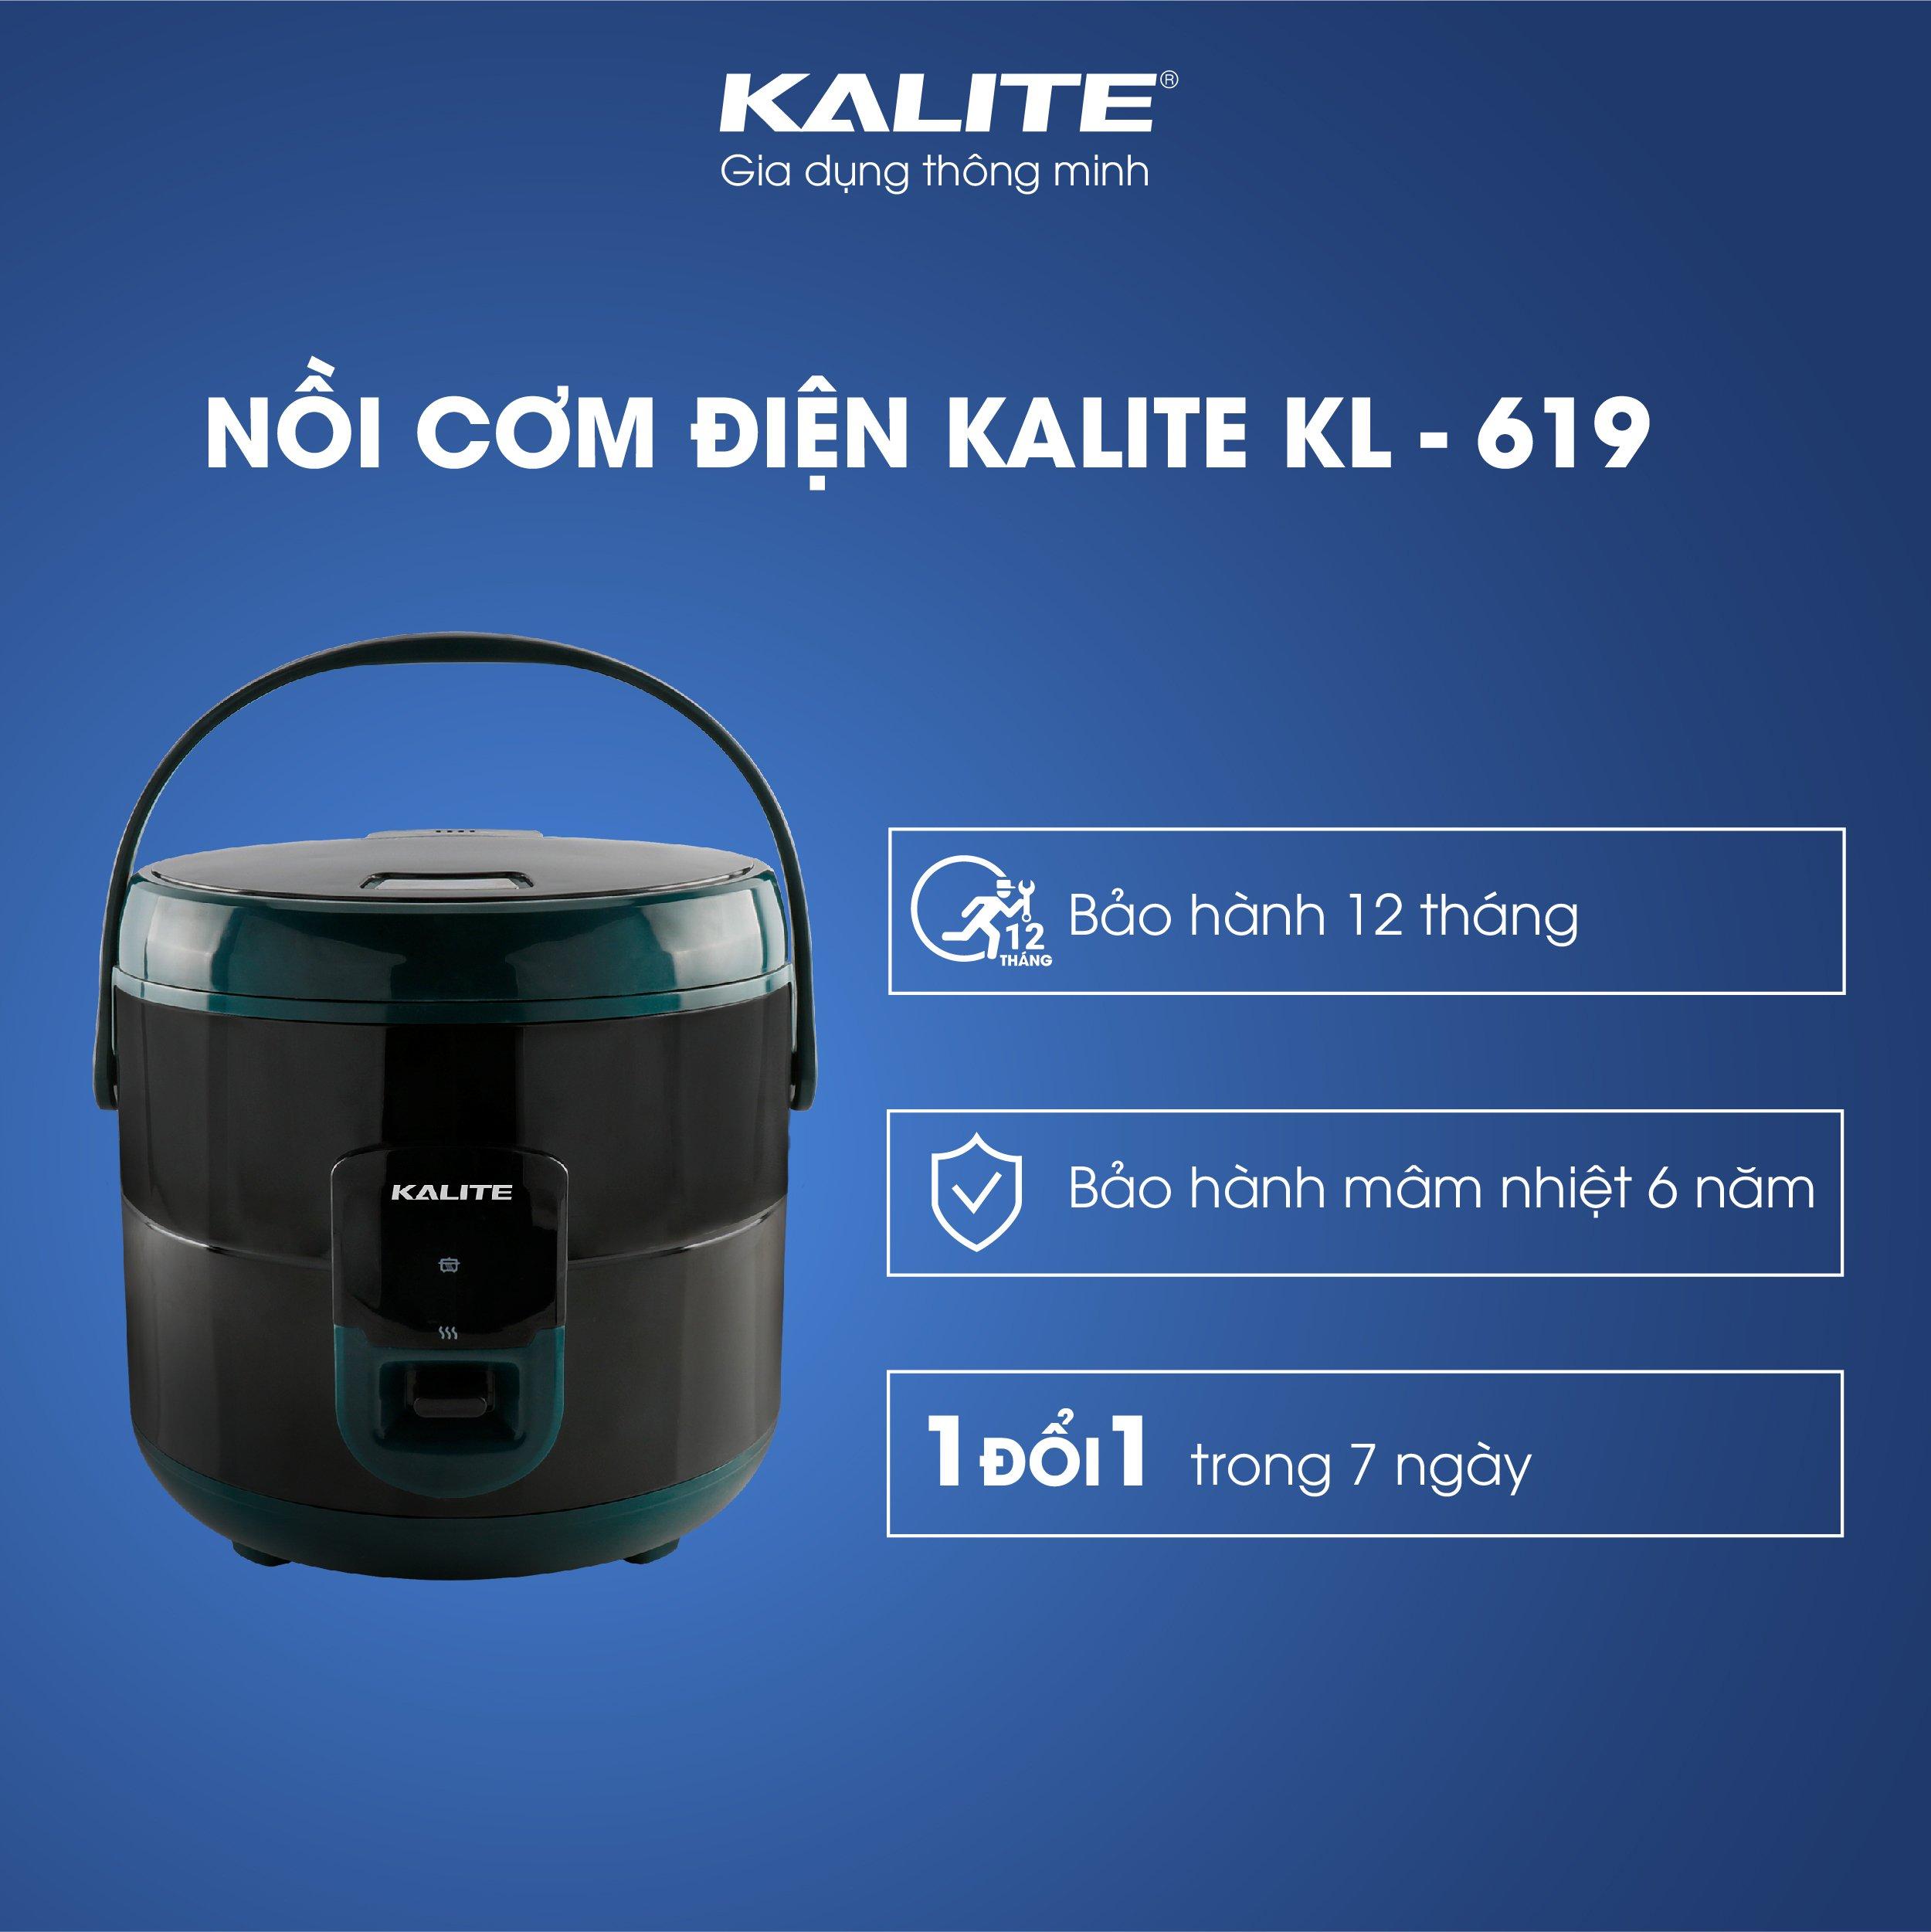 noi-com-dien-kalite-kl-619-2